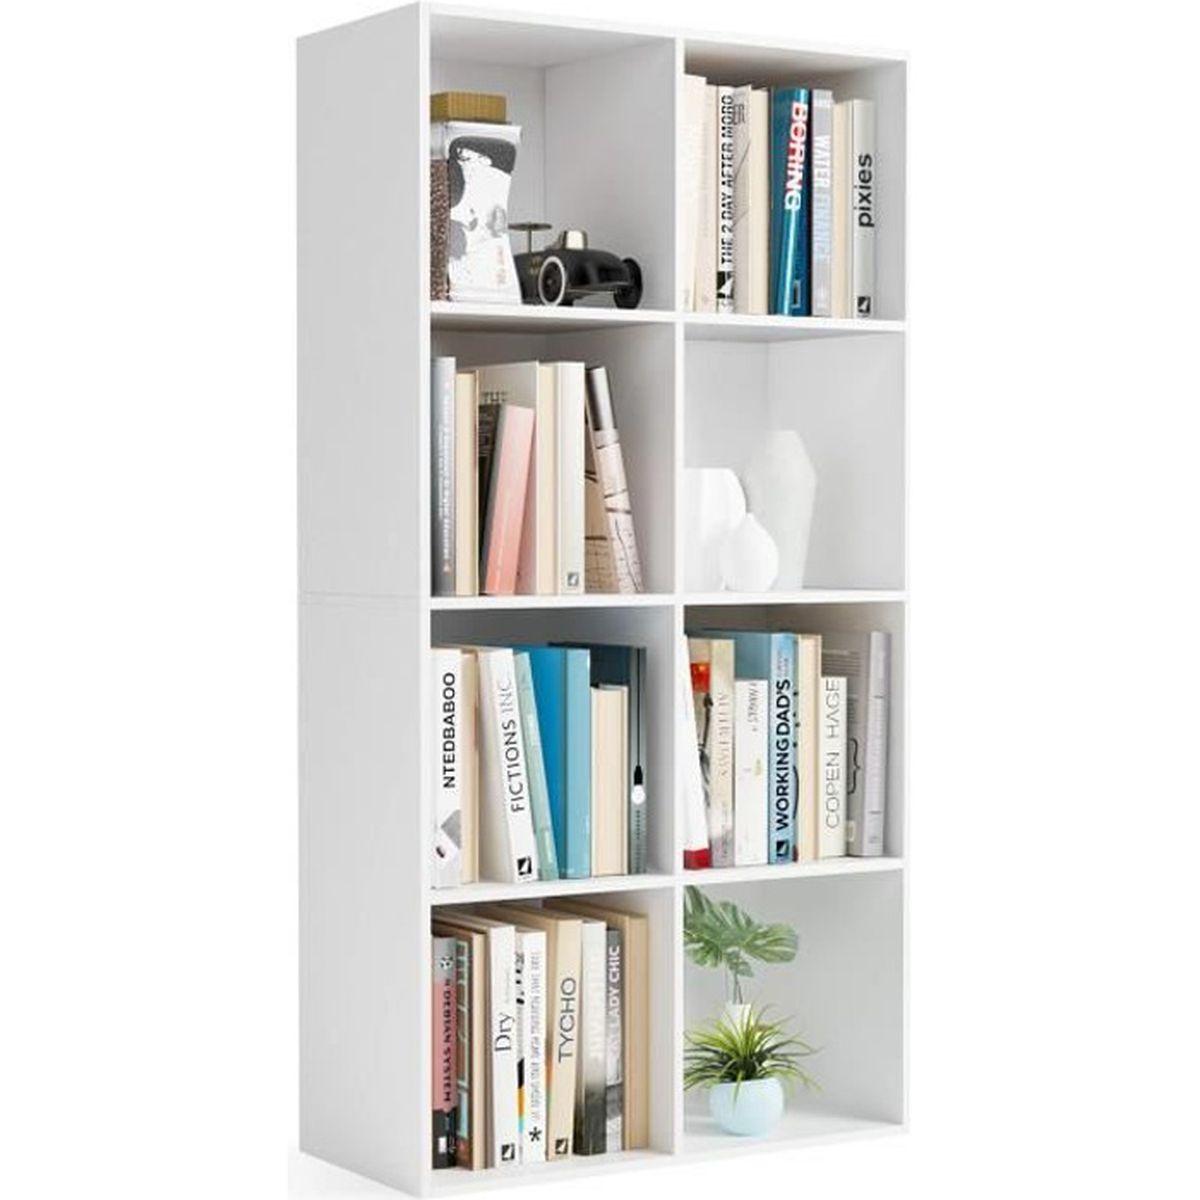 Rangement Pour Le Bois homfa bibliothèque etagère bibliothèque livres rangement